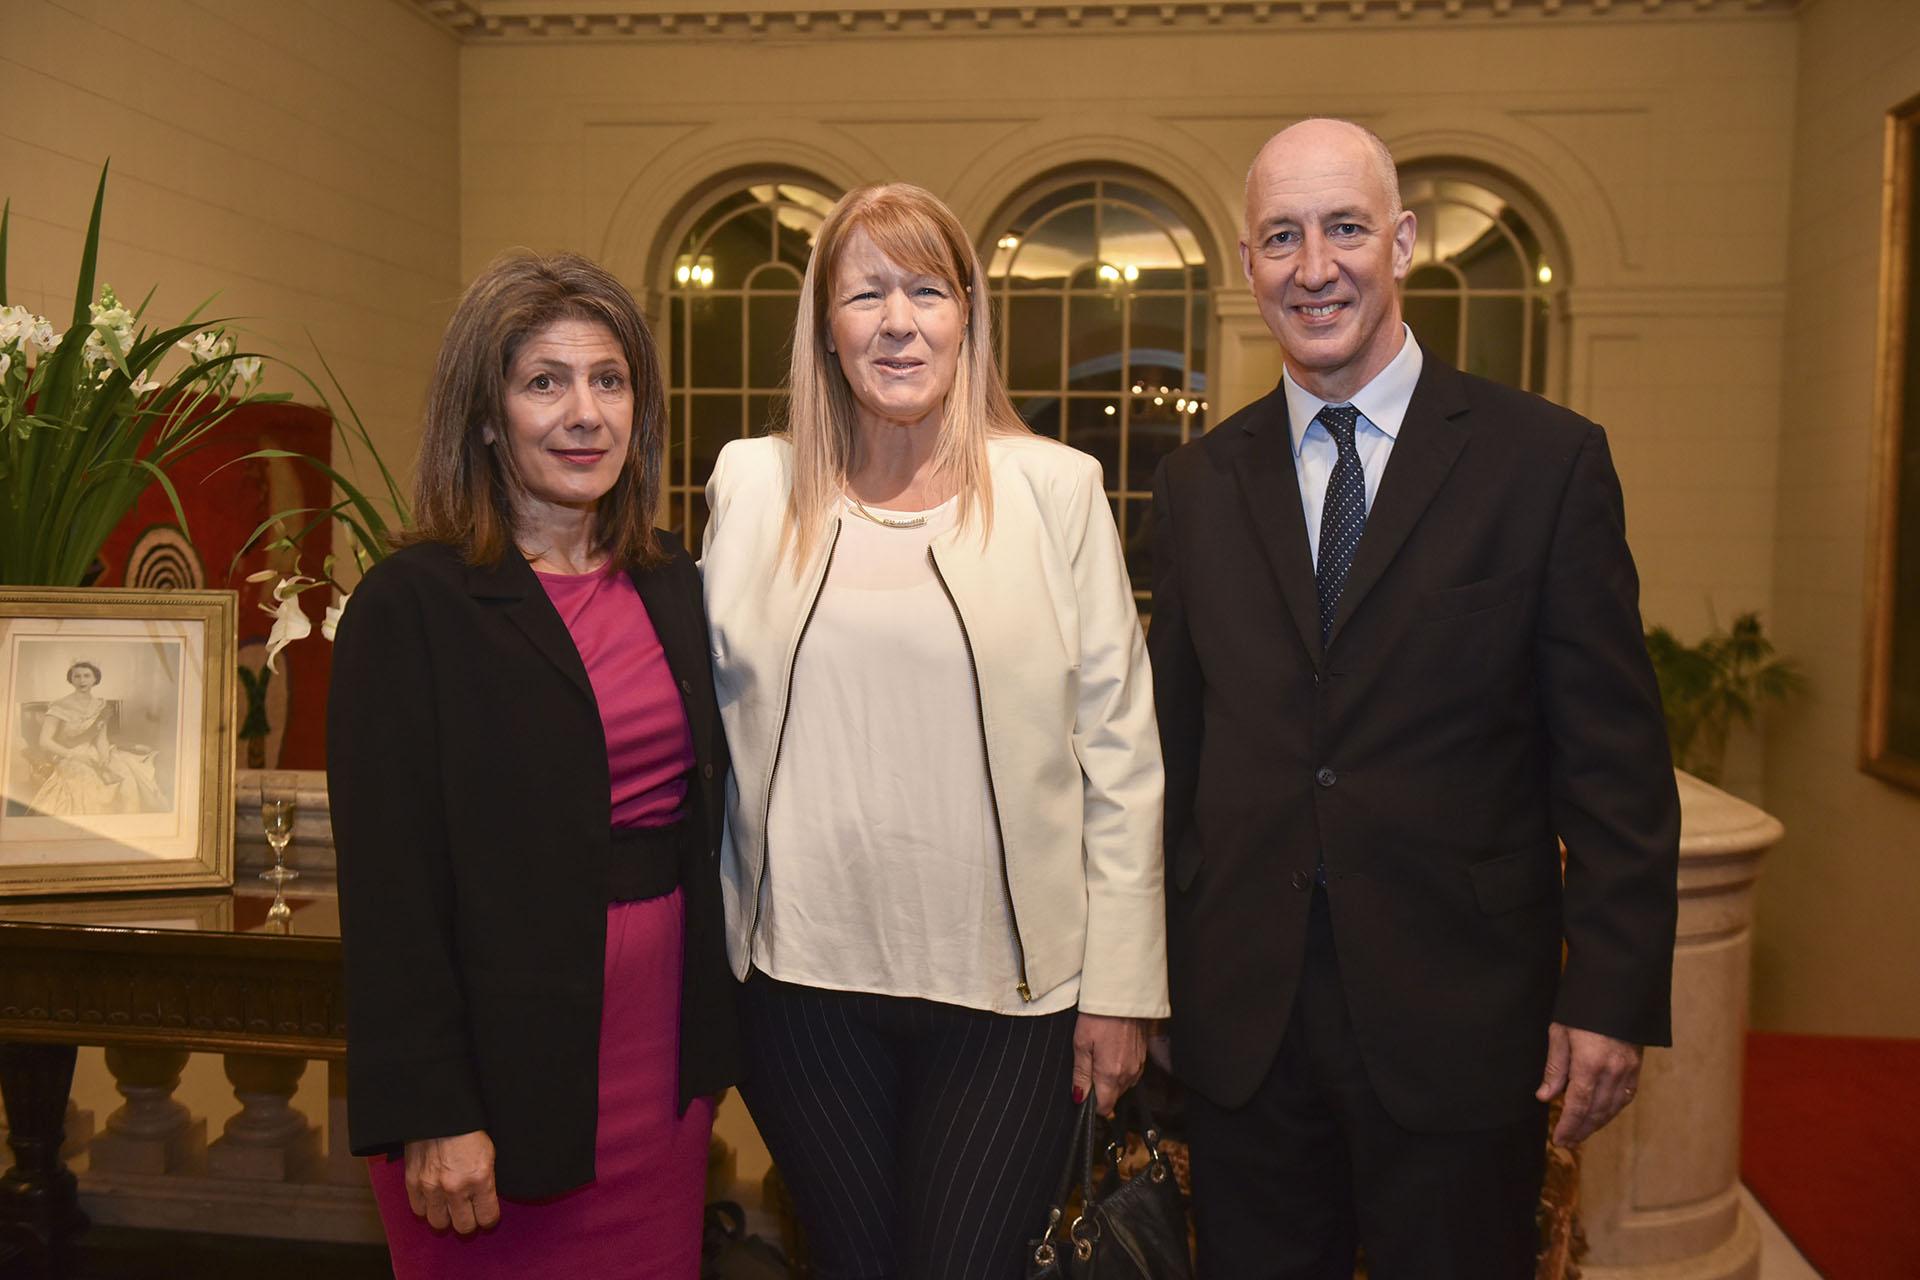 El embajador Mark Kent y su mujer Martine junto a Margarita Stolbizer, quien fue distinguida en la disciplina Legisladores